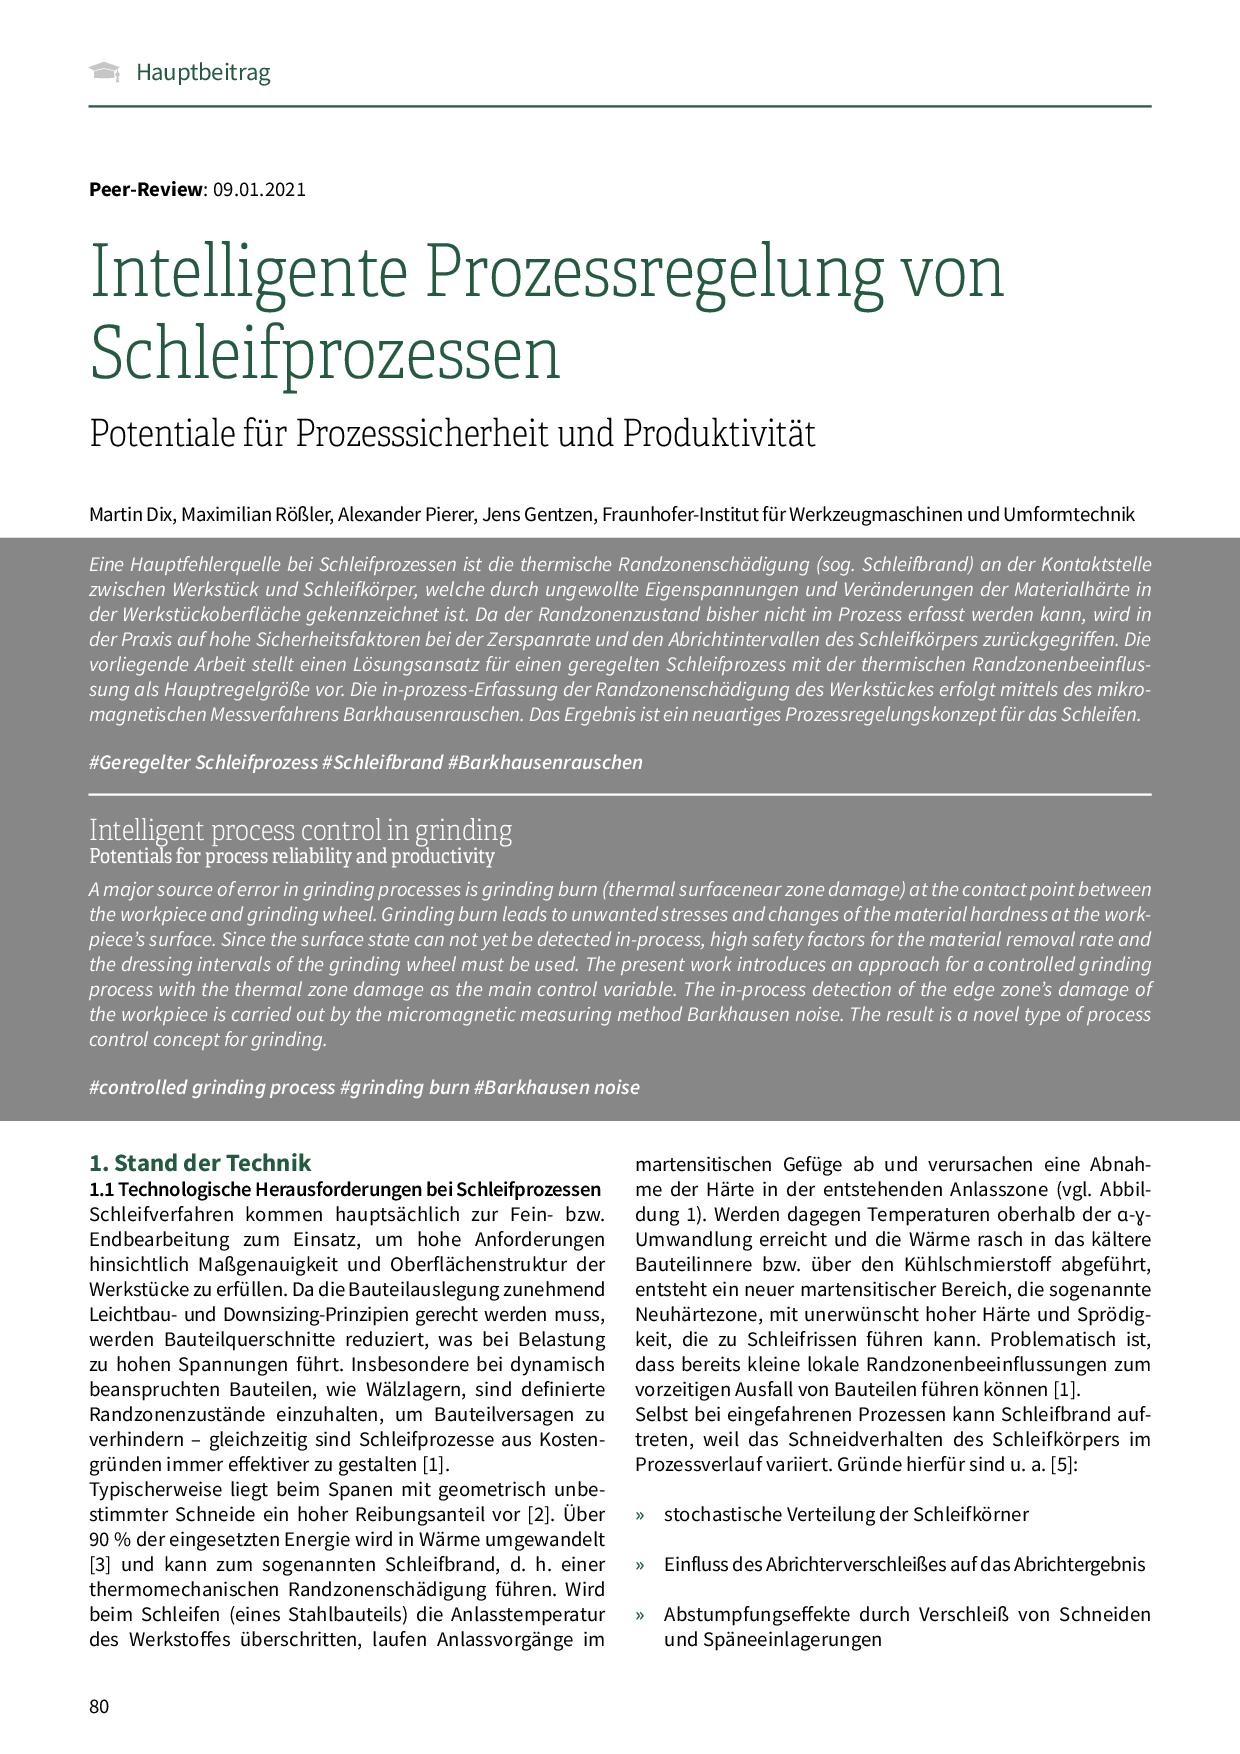 Intelligente Prozessregelung von Schleifprozessen